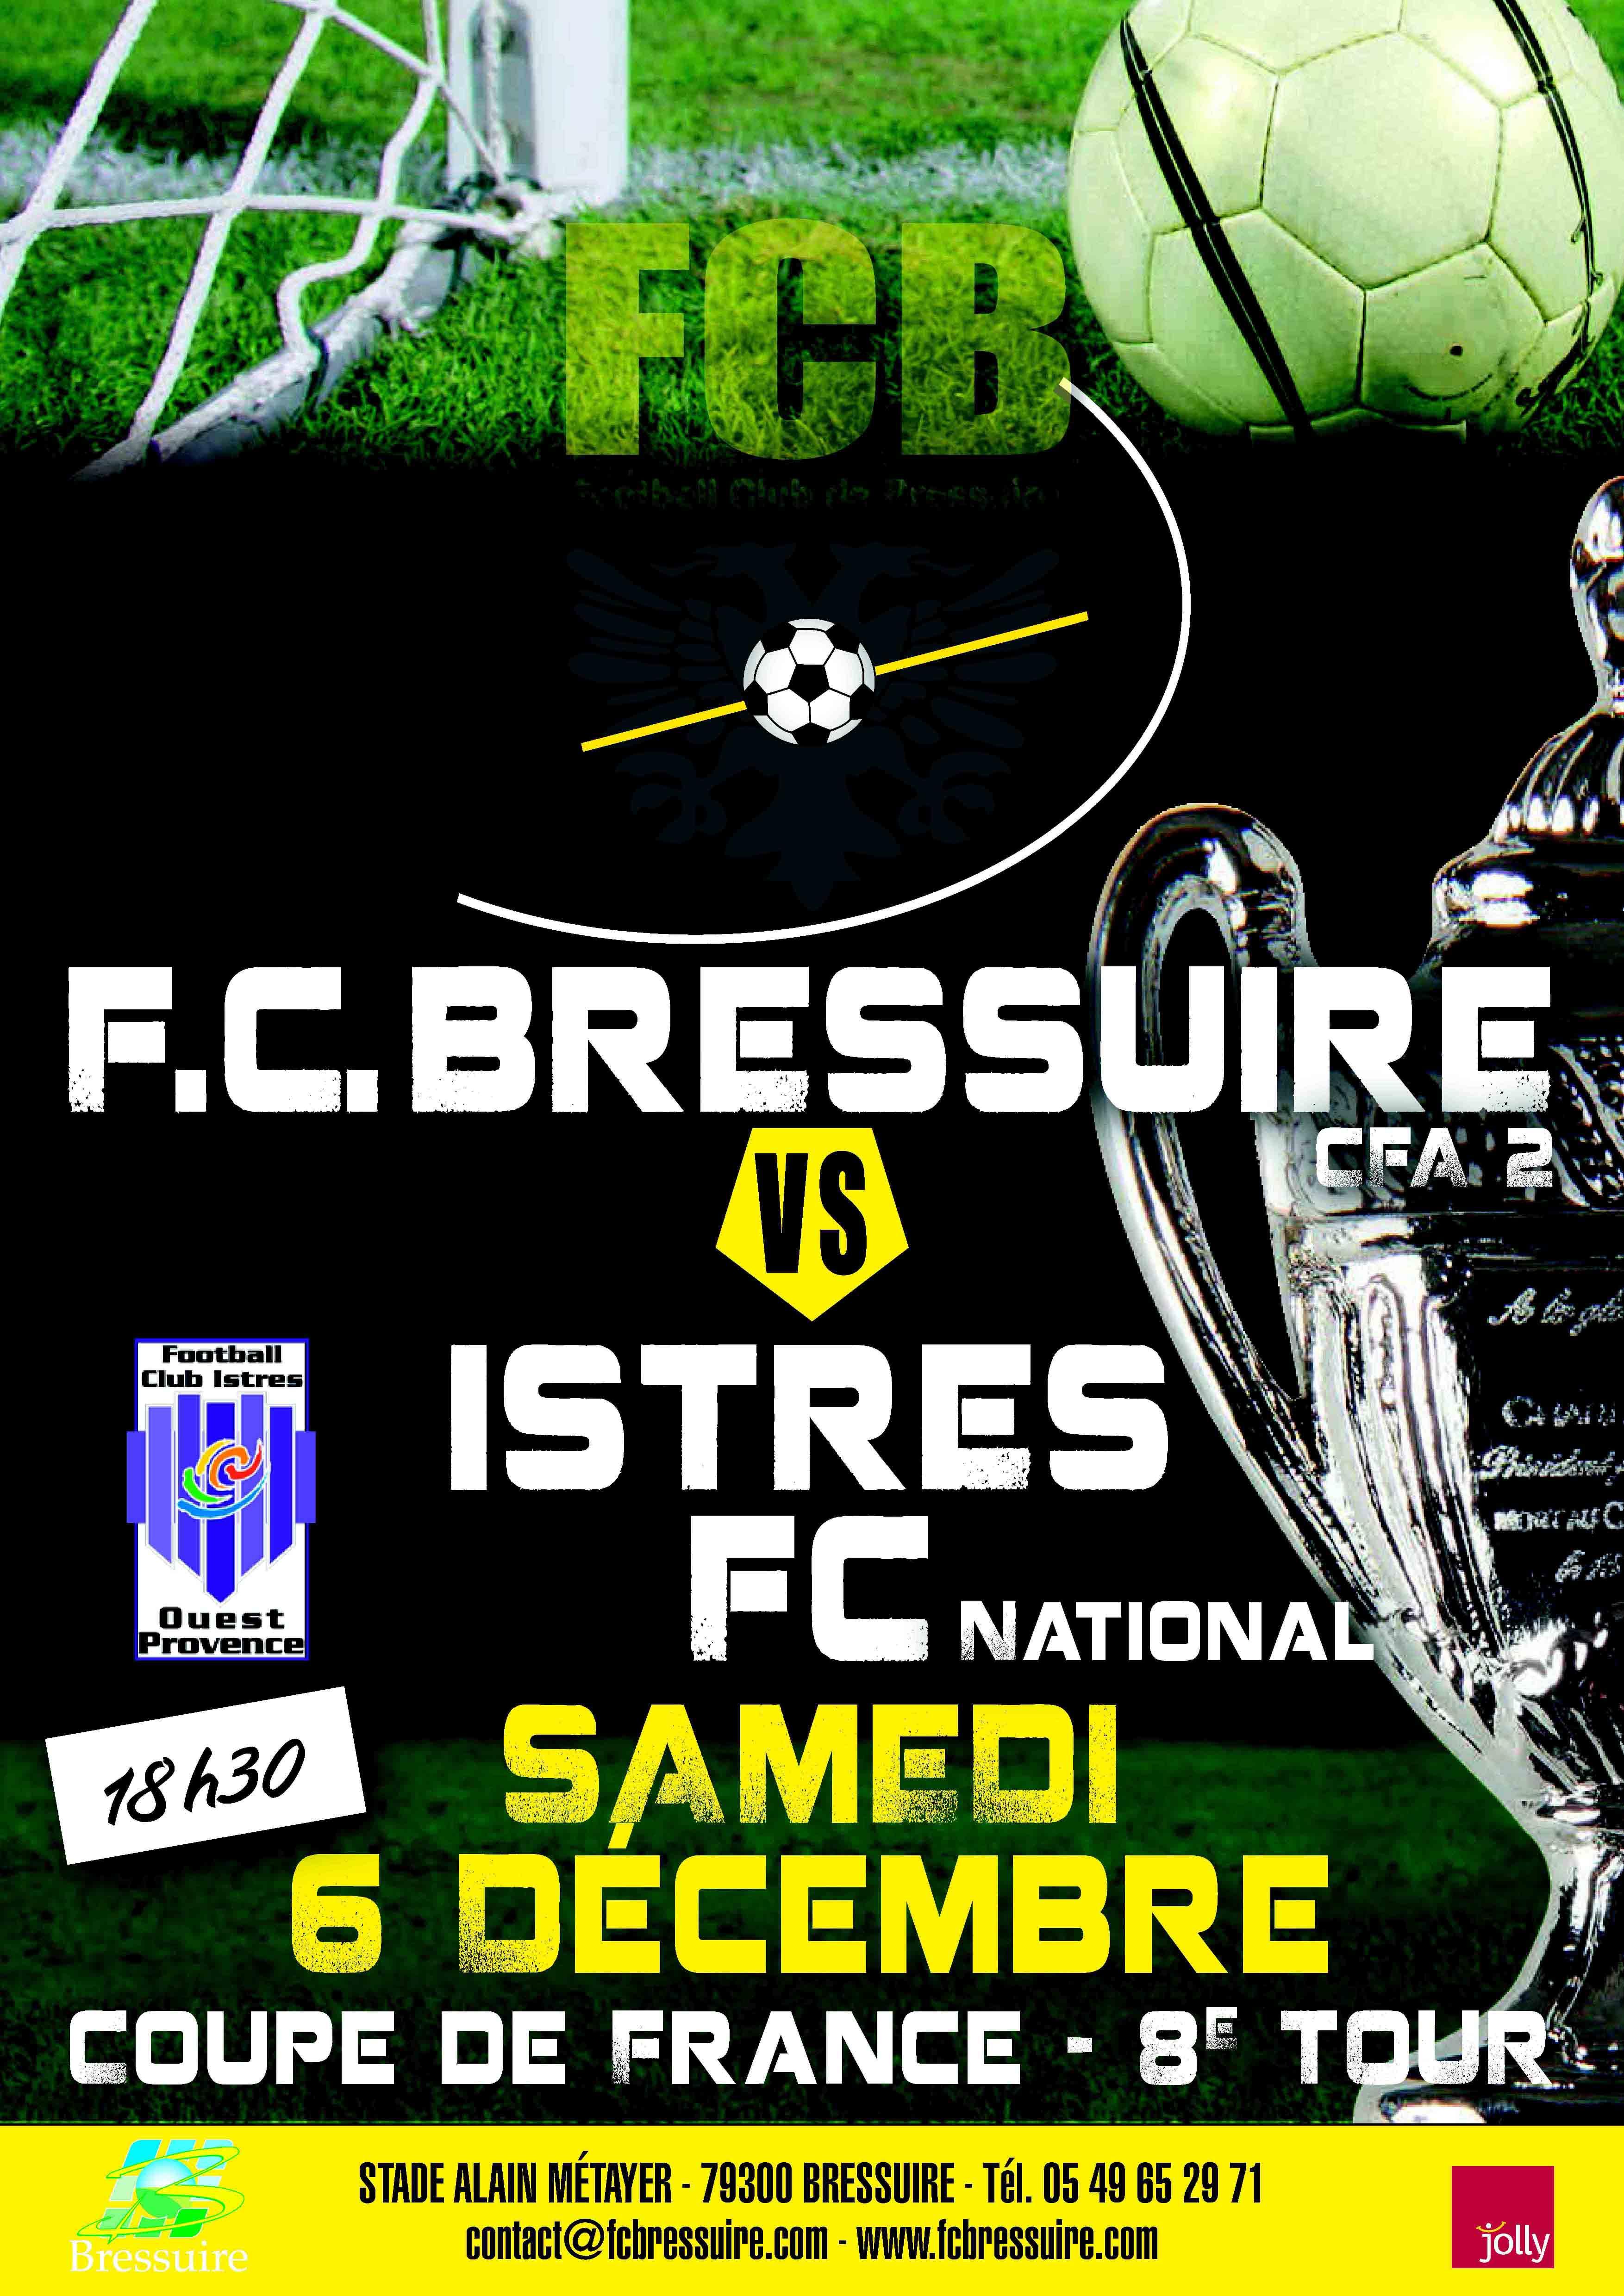 Football club de bressuire parcours cdf coupe de france - Tirage 8eme tour coupe de france 2014 ...